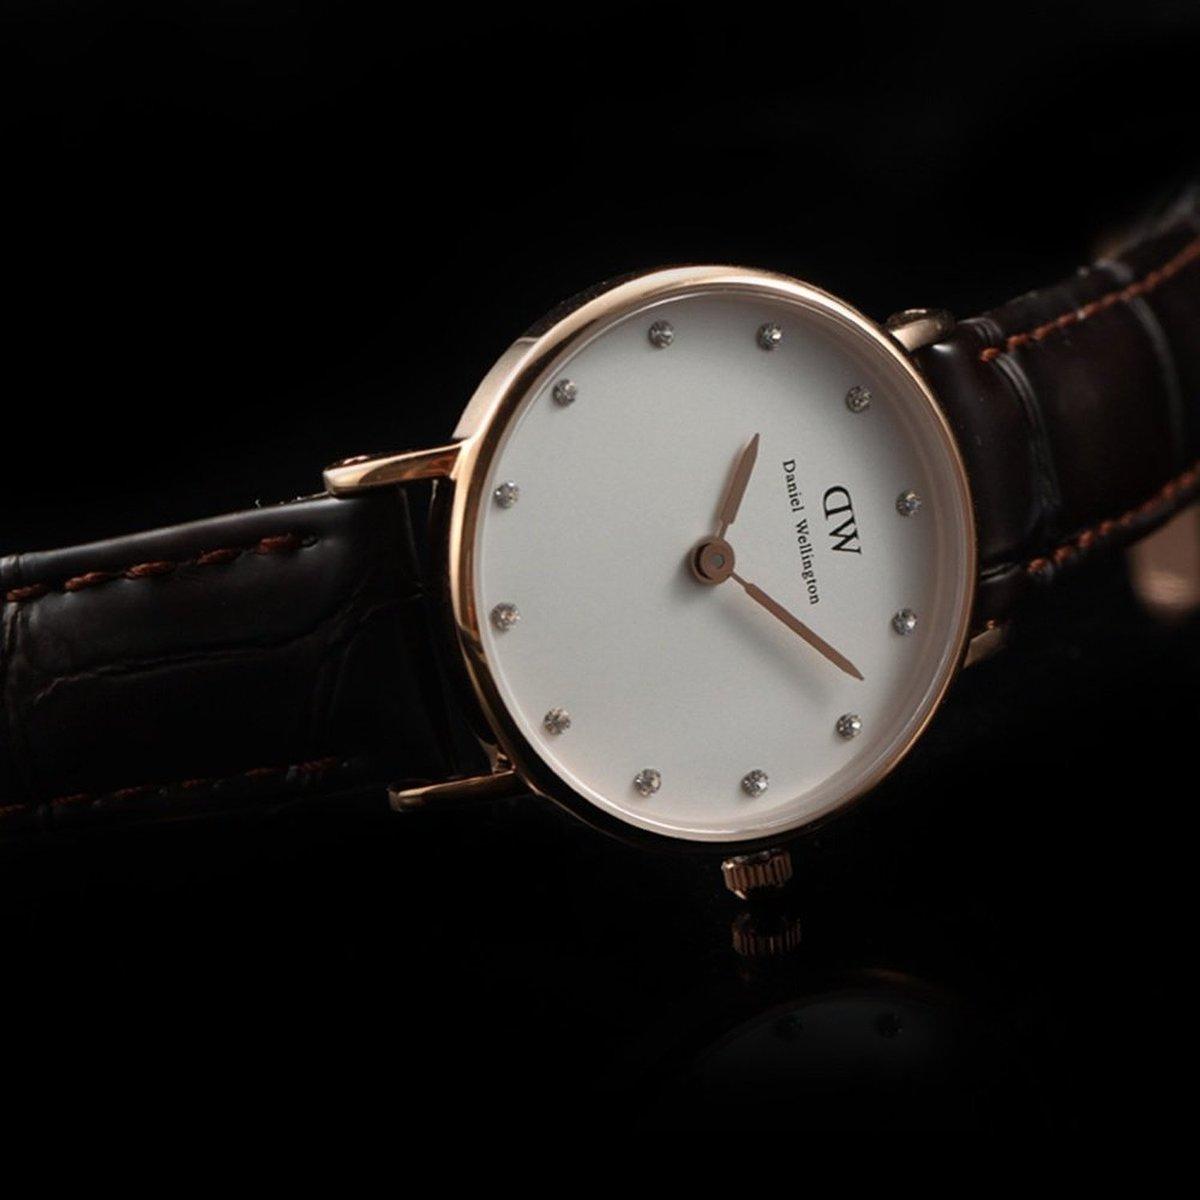 И вот идеальная модель была создана — тонкие, изысканные, в классическом круглом корпусе часы получились по-скандинавски традиционно минималистичными и имели не слишком много деталей.